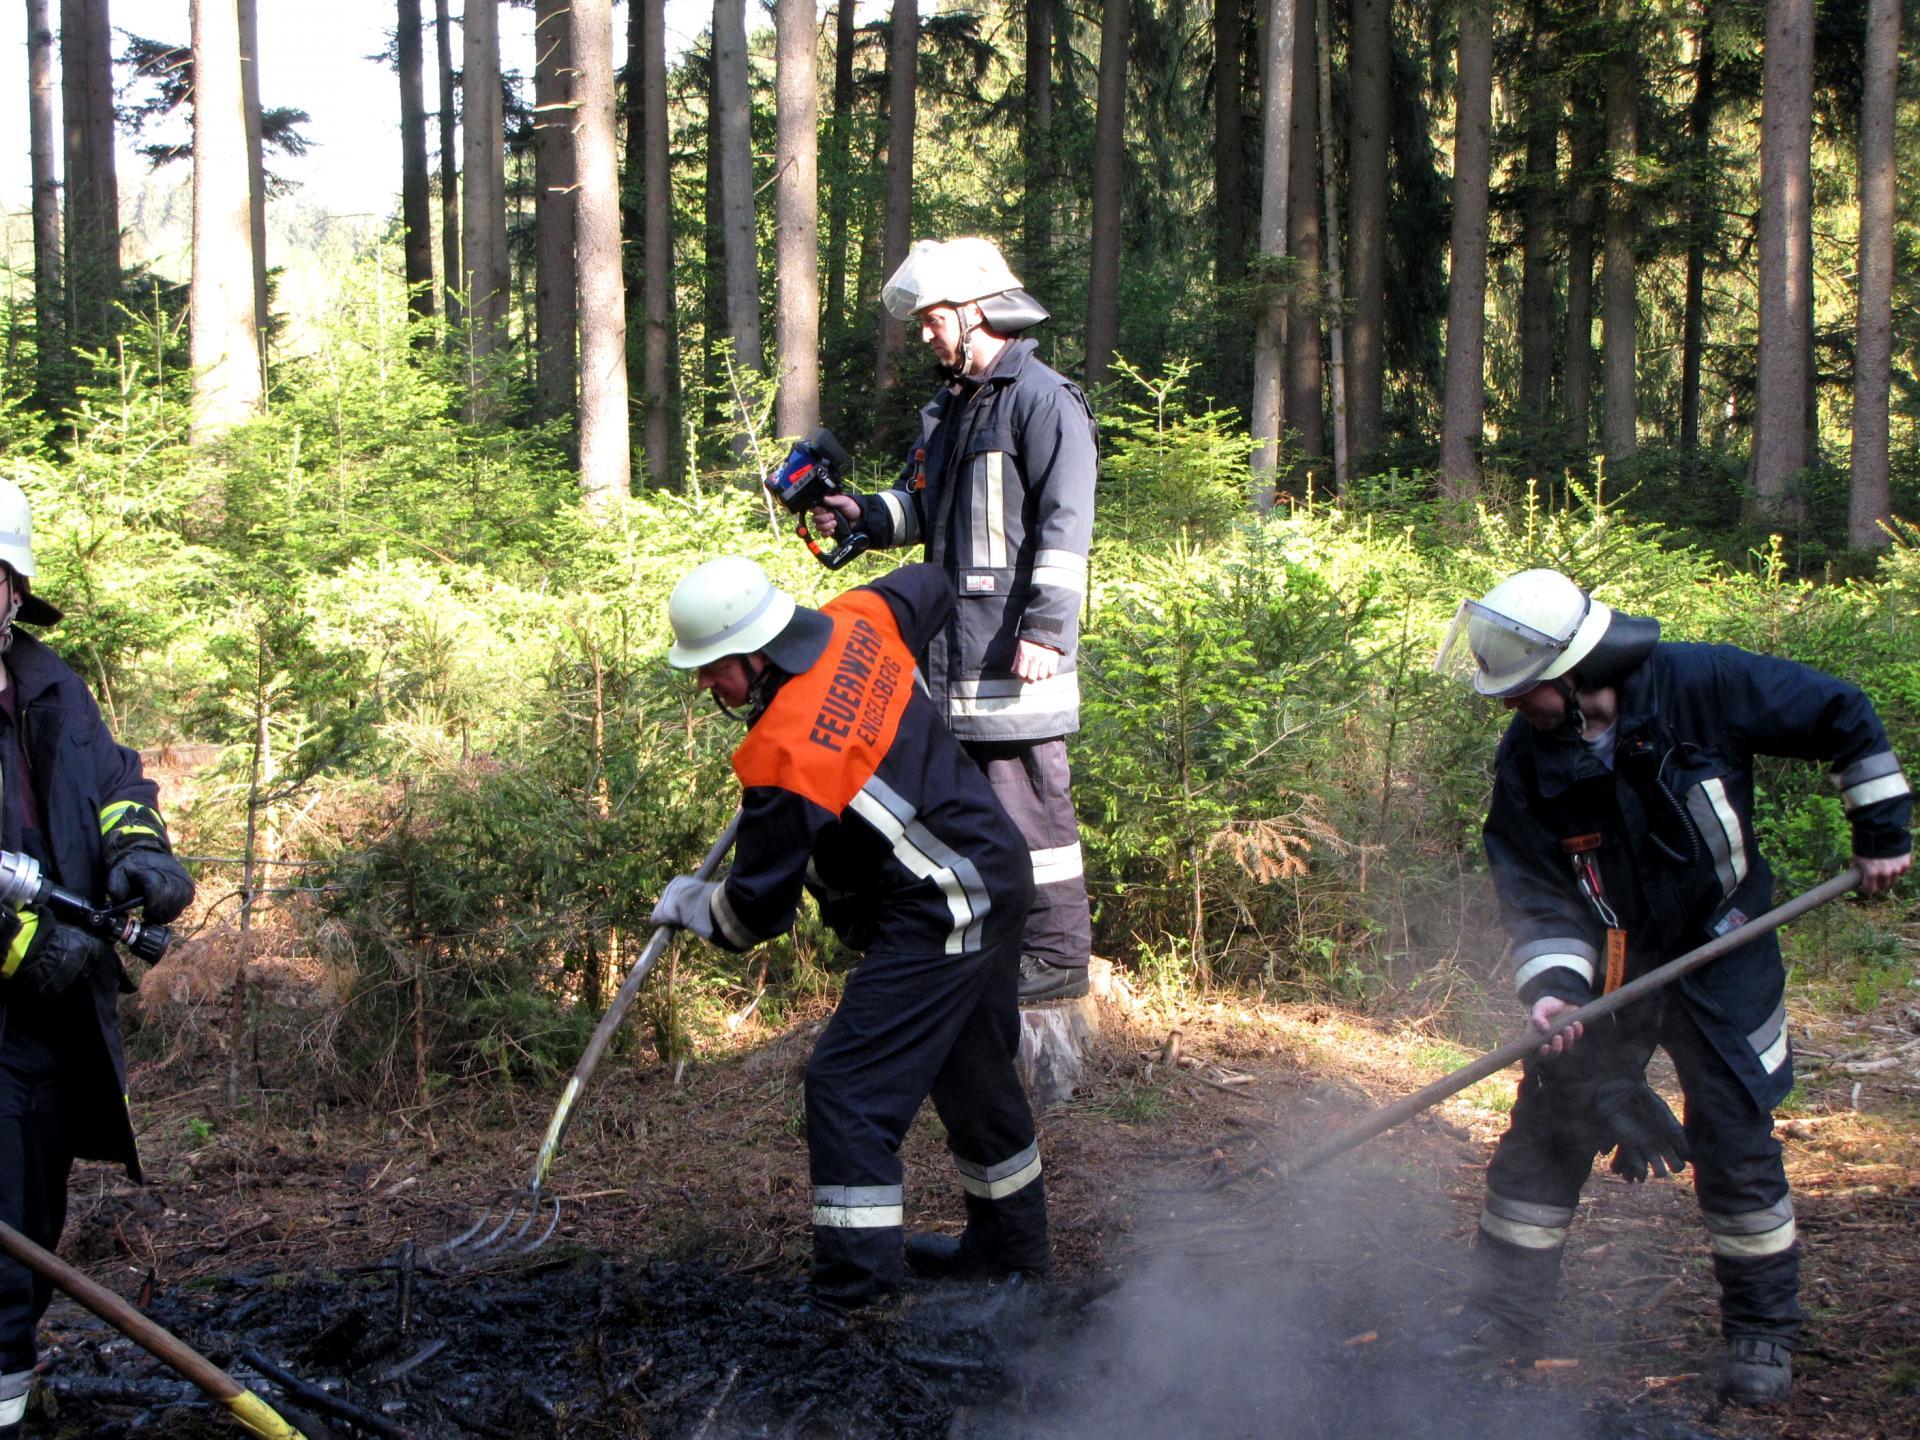 Wärmebildkamera zur Kontrolle von Glutnestern nach Löschen eines Waldbrandes 2018